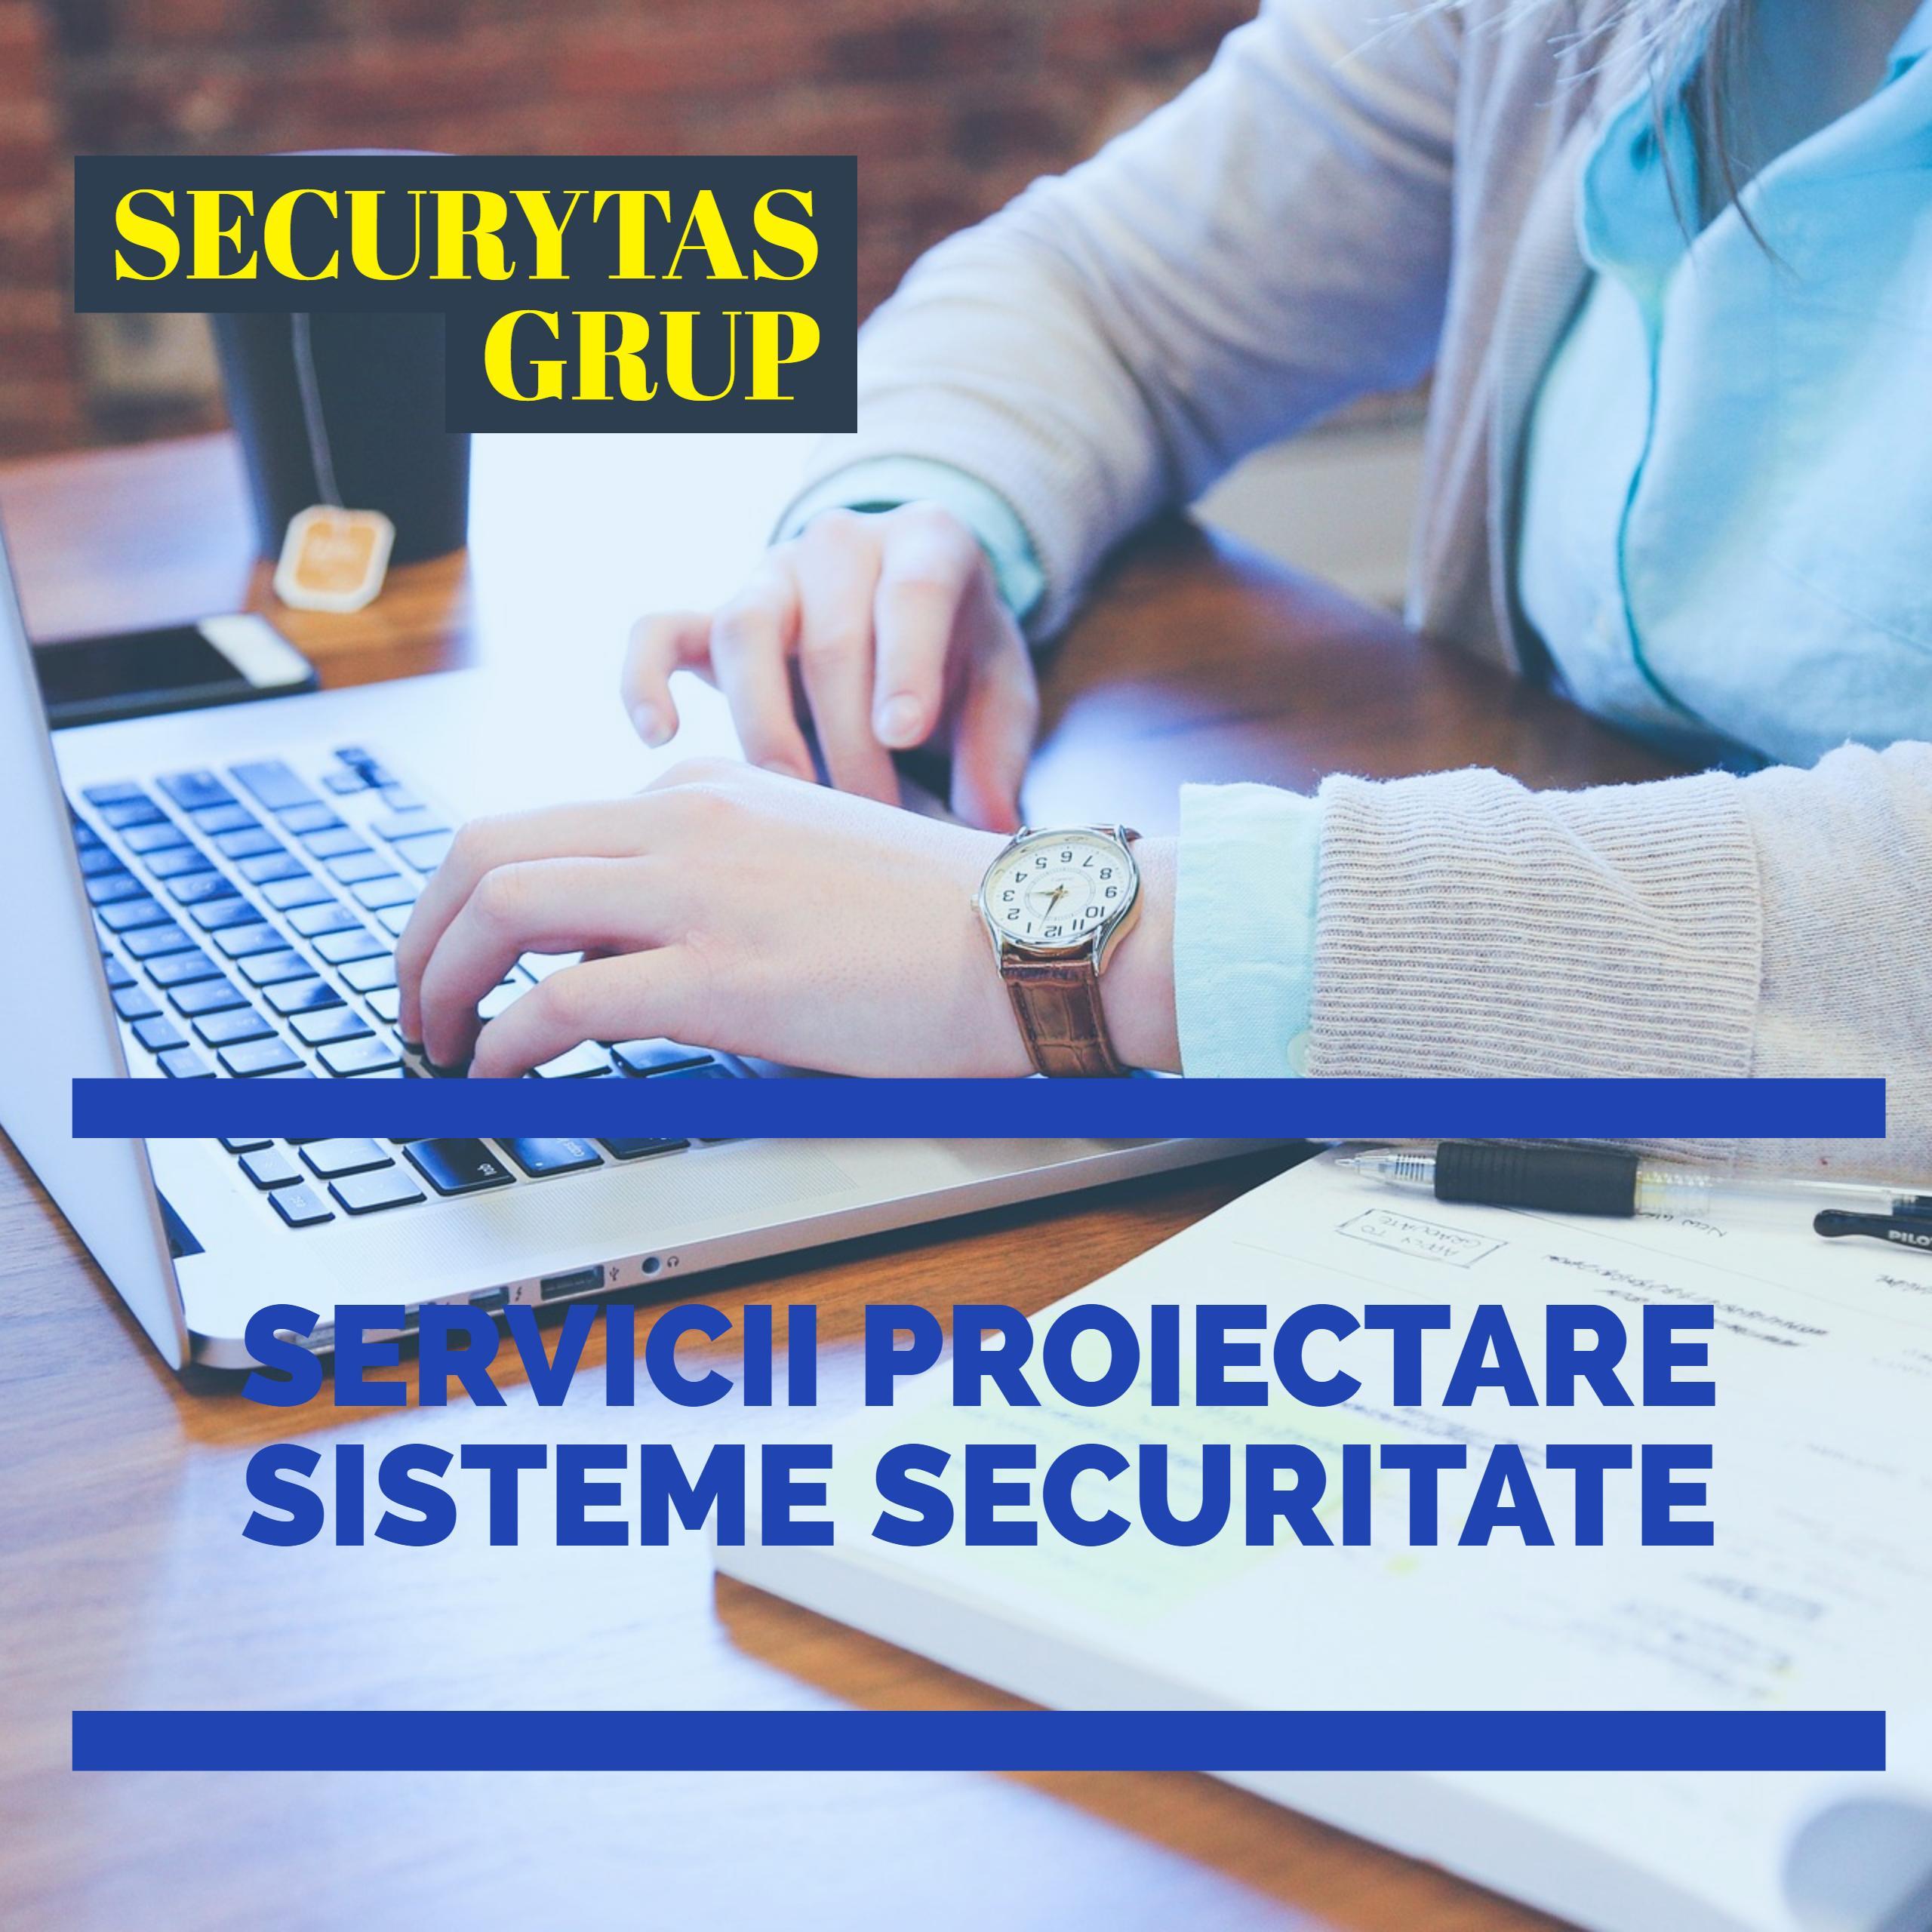 SERVICII PROIECTARE SISTEME SECURITATE